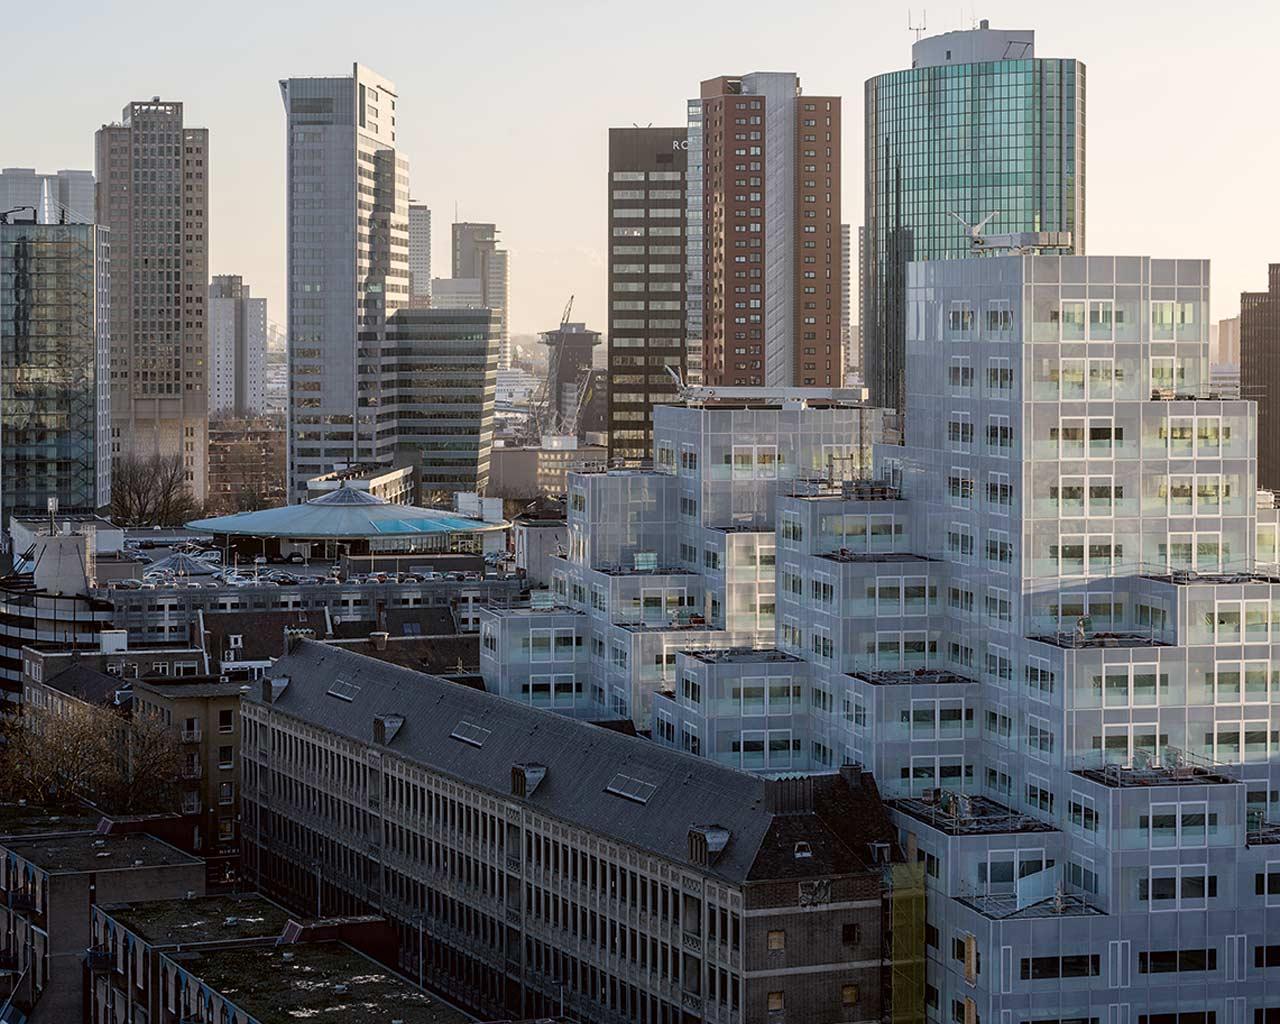 Timmerhuis Rotterdam (NL), 2015. Ph. Ossip van Duivenbode.